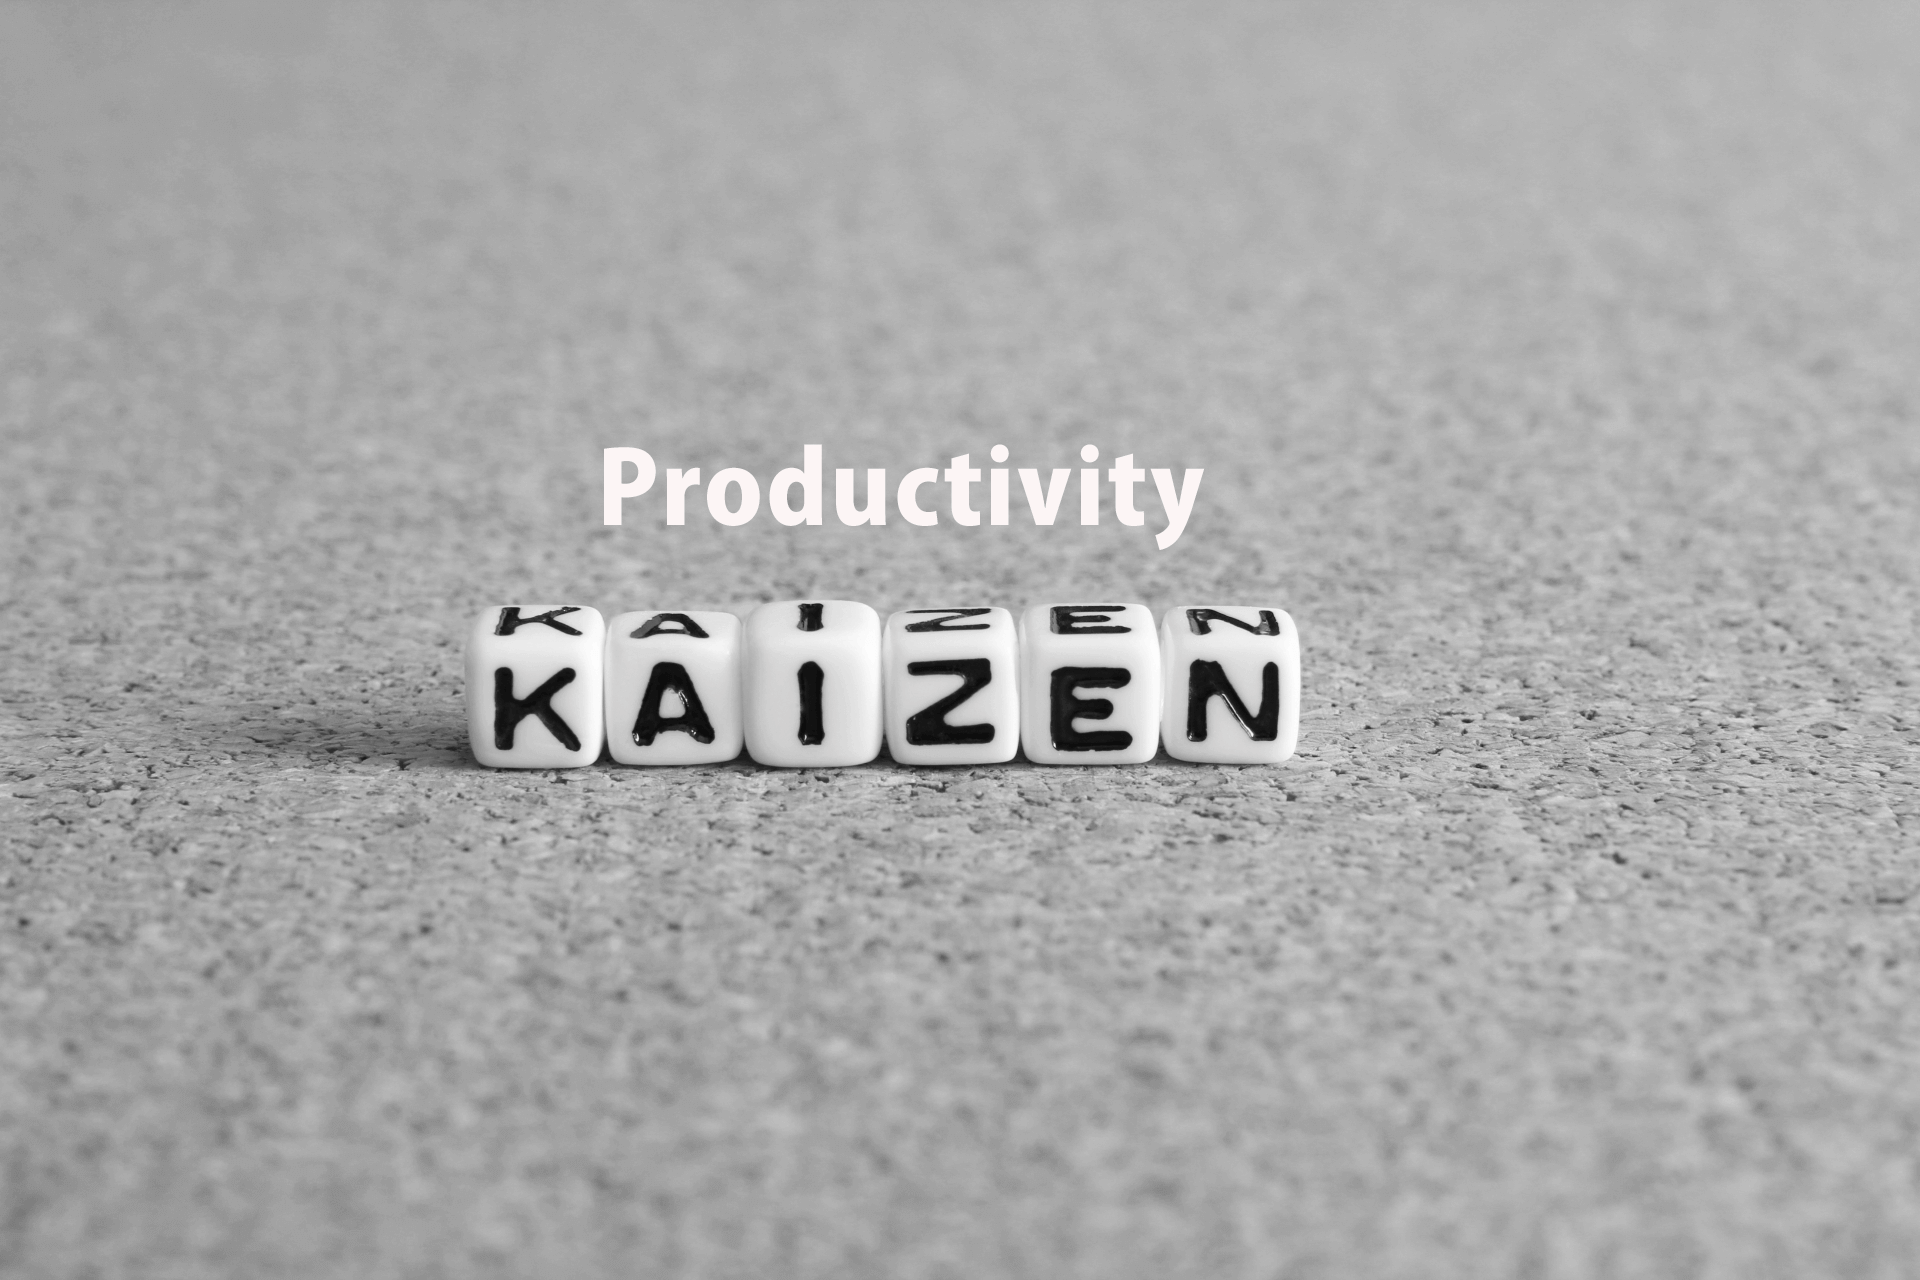 生産性の向上